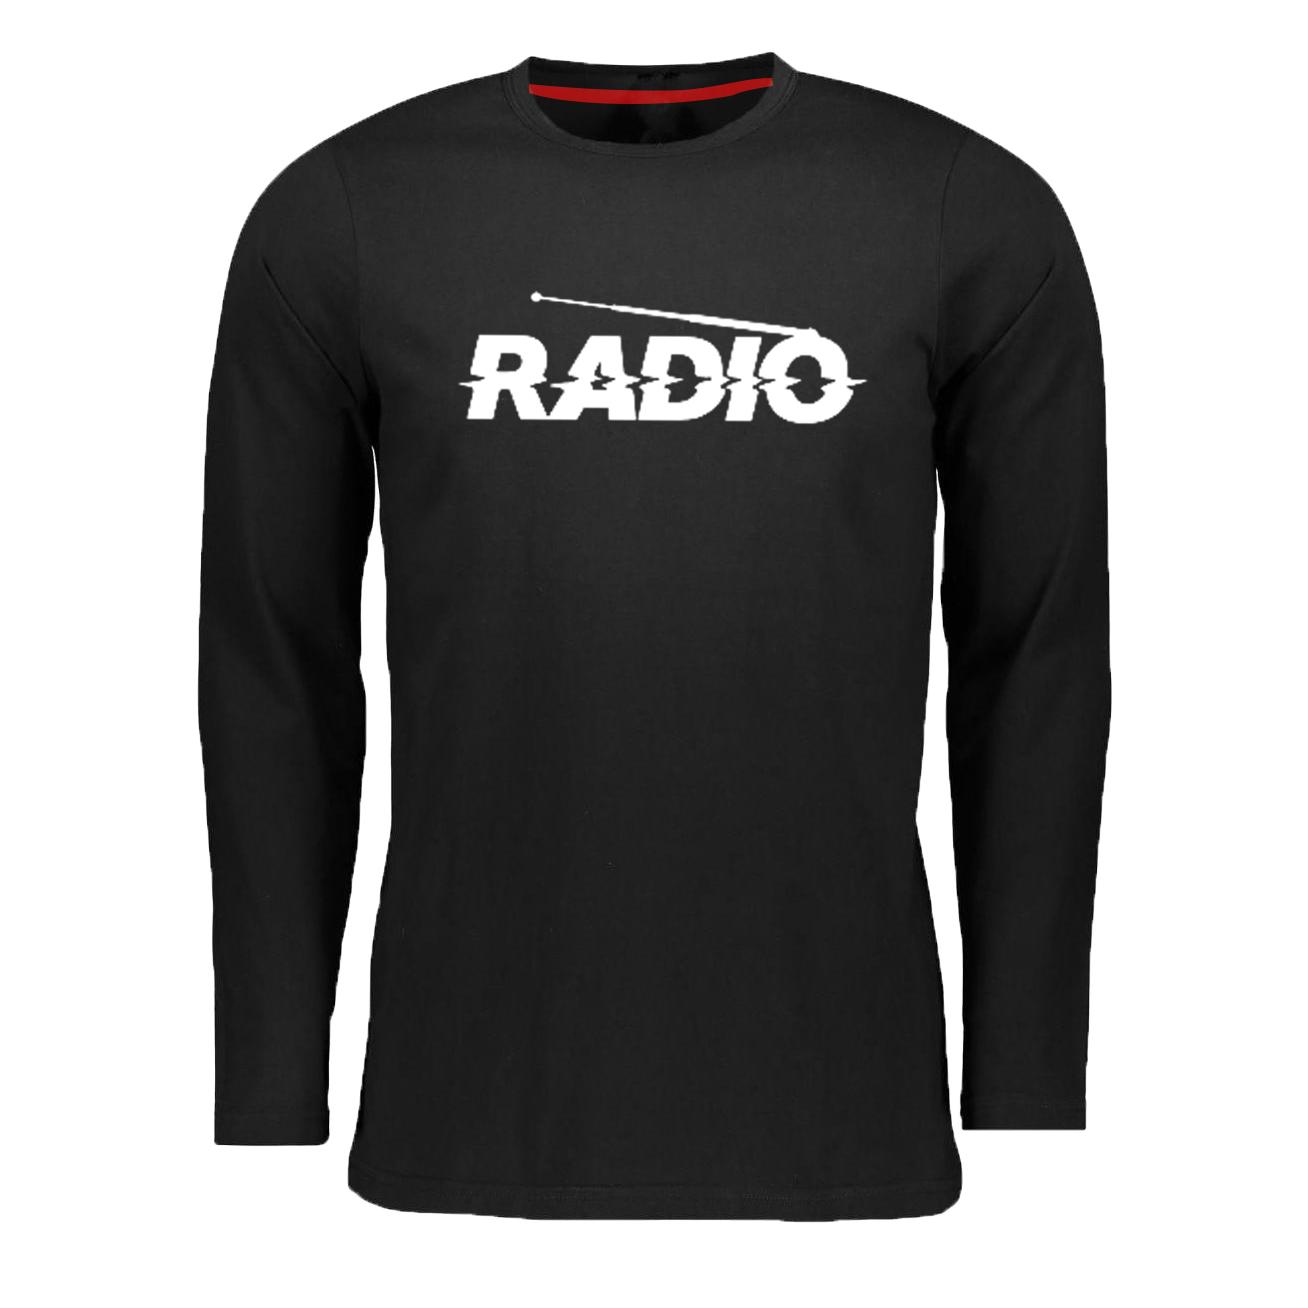 تیشرت آستین بلند مردانه مدل رادیو کد z1126